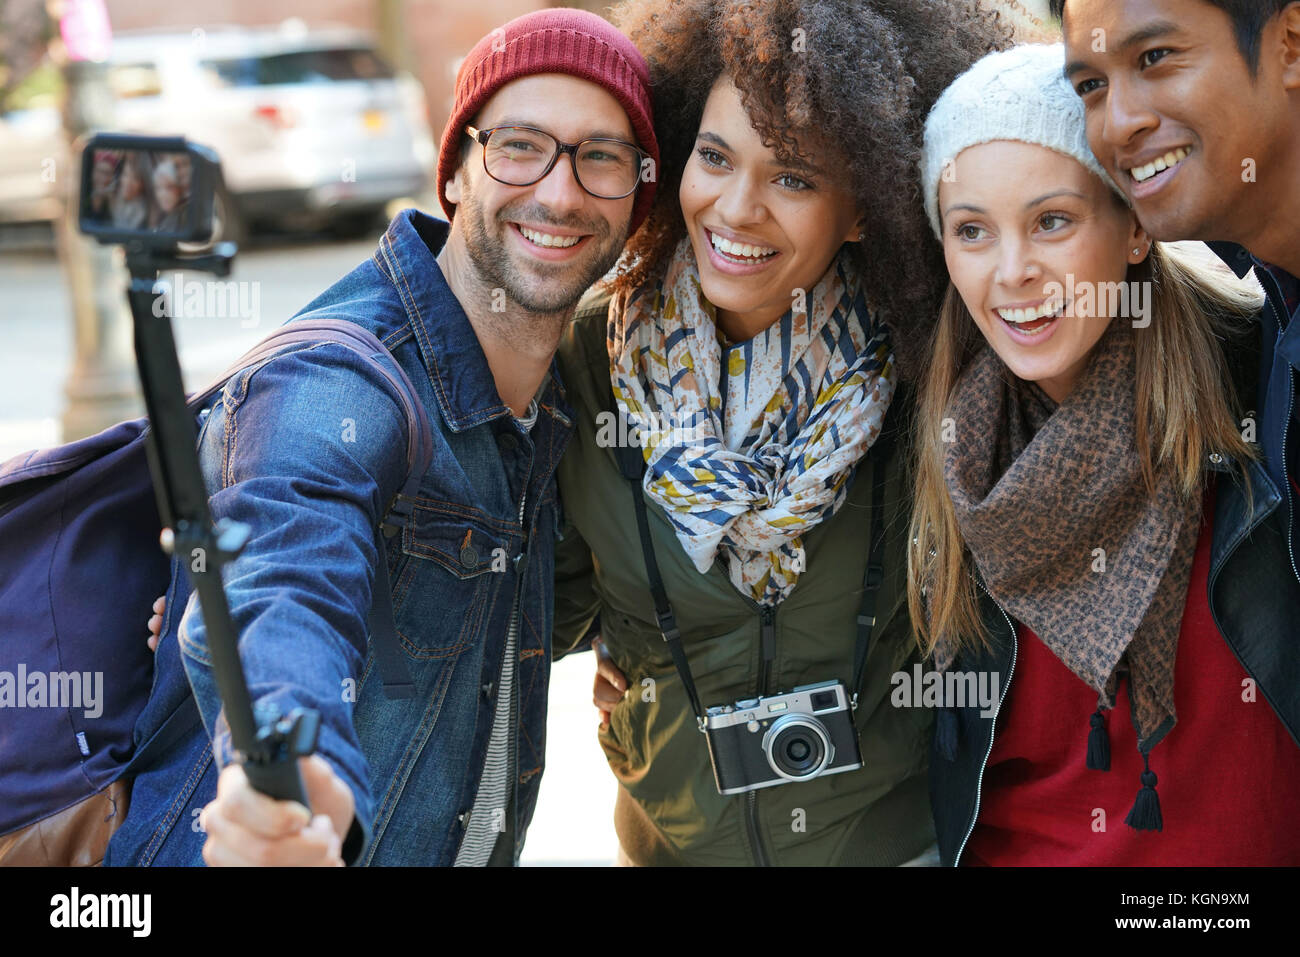 Groupe d'amis en vacances en tenant l'appareil photo avec Photo selfies Photo Stock